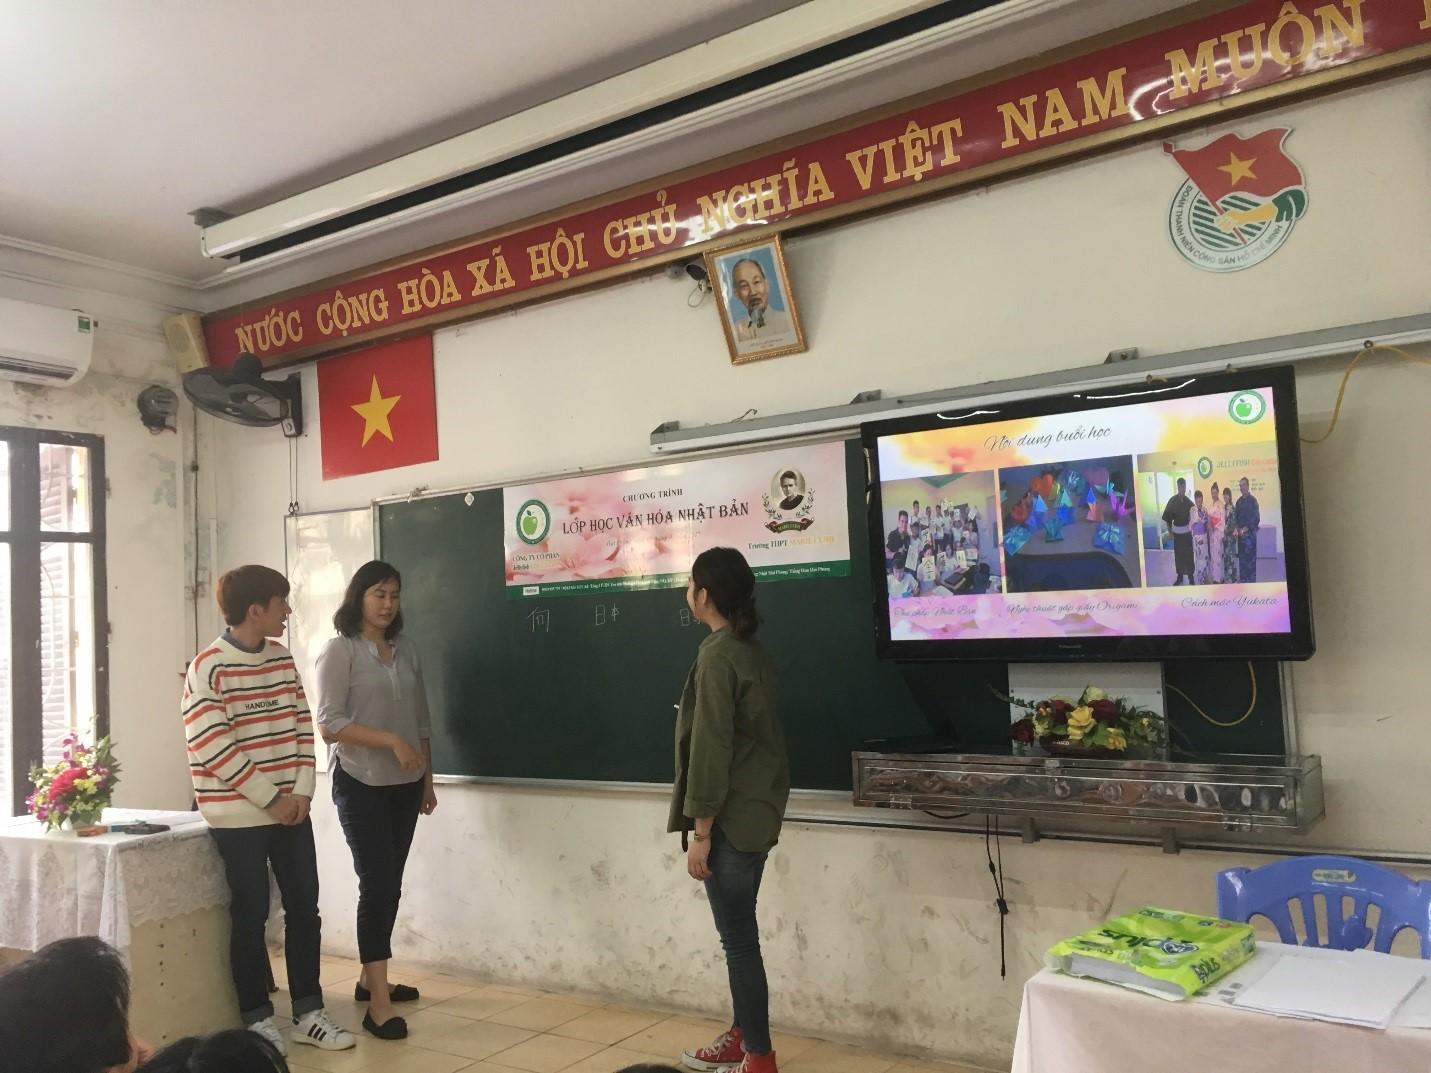 Hình ảnh: Các thầy cô hướng dẫn cho học sinh cách viết chứ Hán